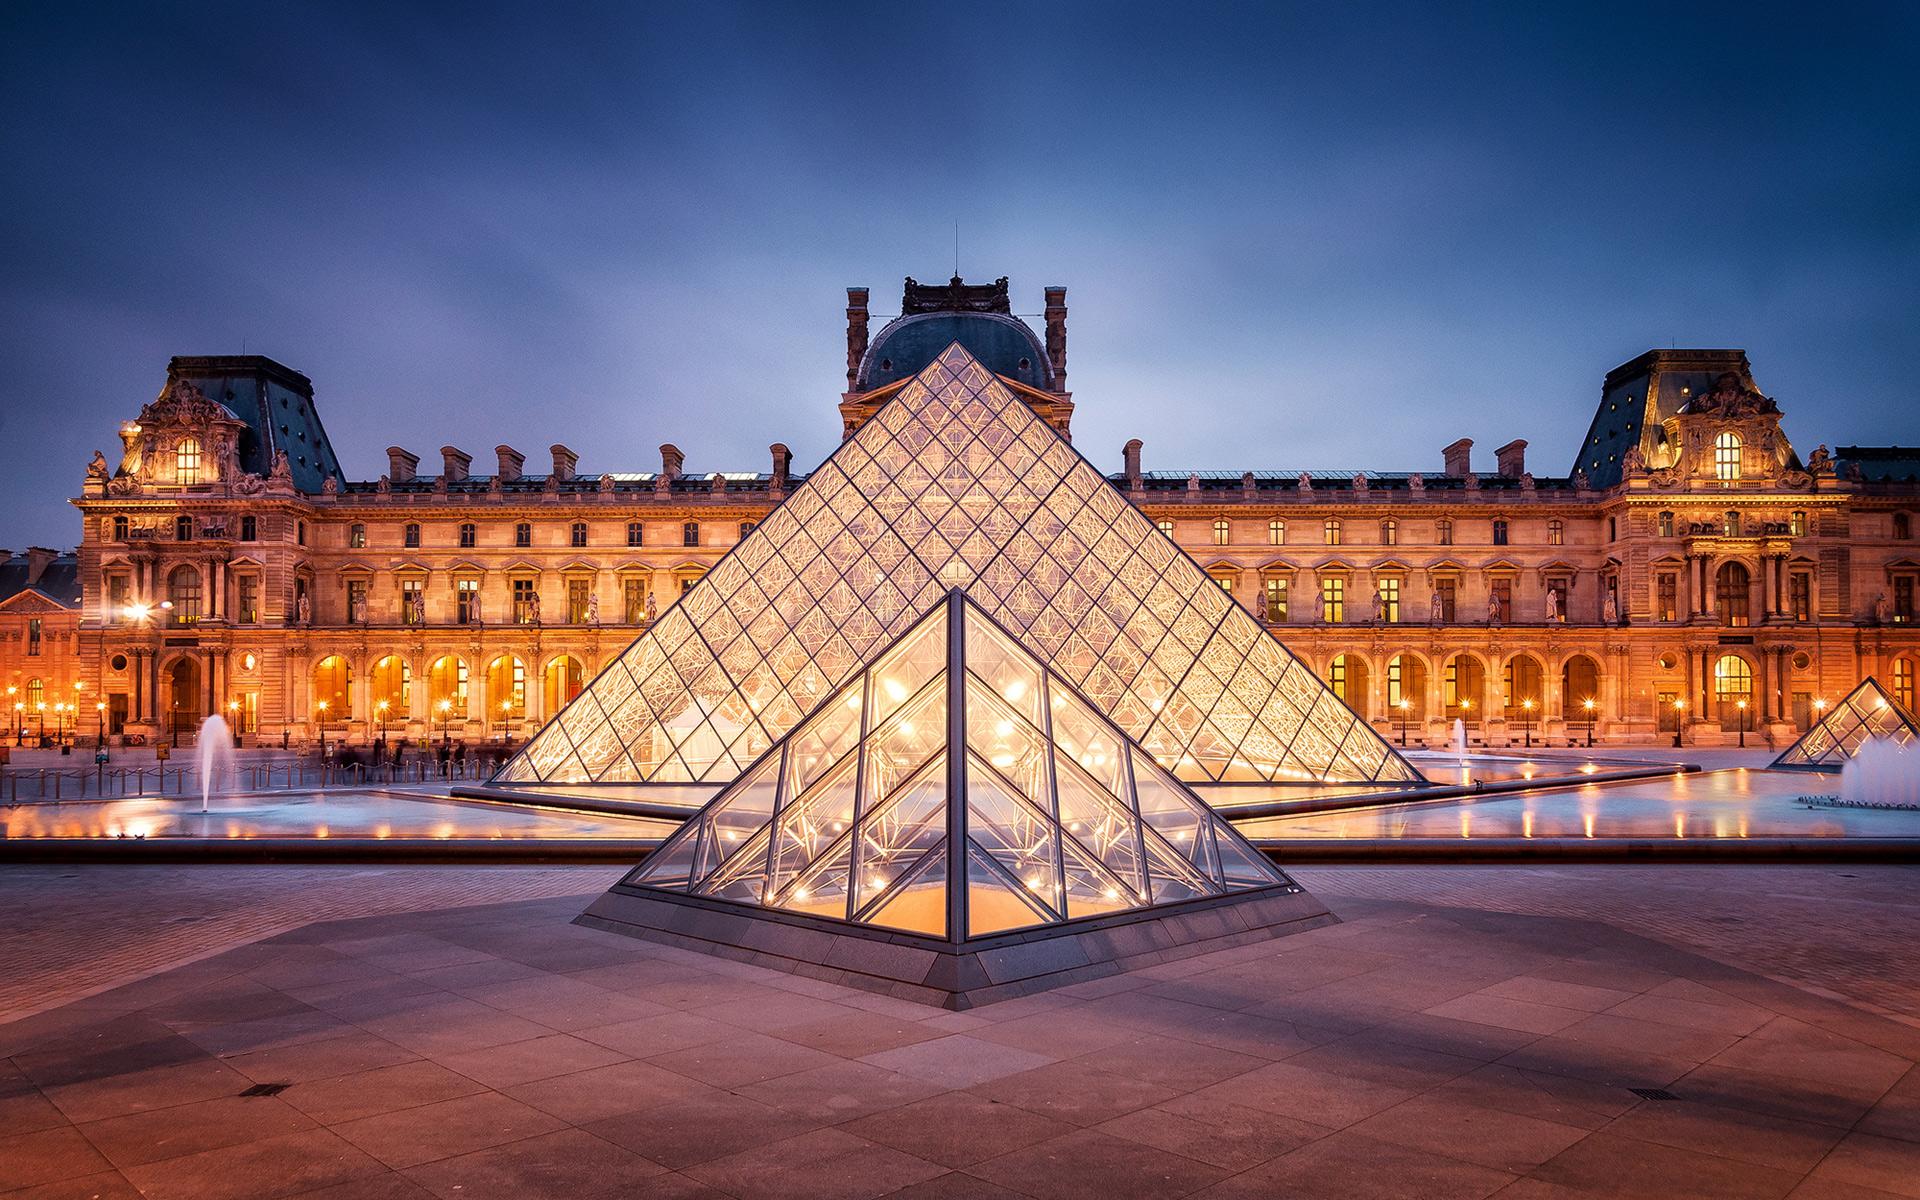 paris-france-louvre-city-lights-wide